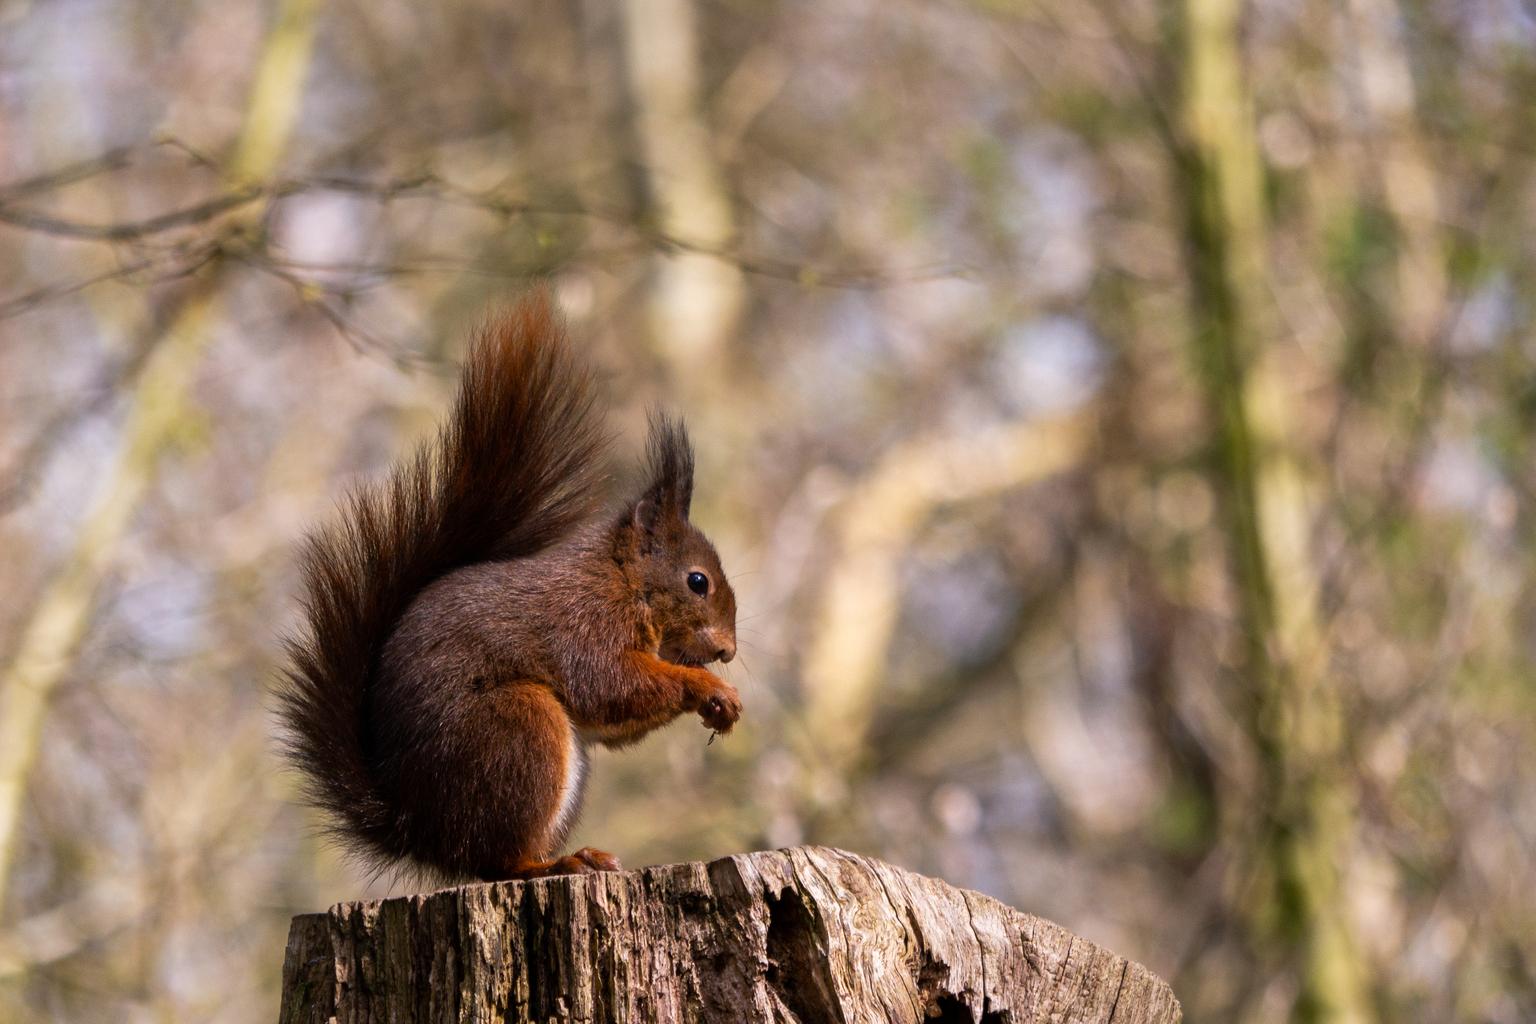 knabbelende eekhoorn - eekhoorn in the wild - foto door Jan-Binnekamp op 16-04-2021 - deze foto bevat: natuurlijke omgeving, afdeling, organisme, hout, knaagdier, kofferbak, euraziatische rode eekhoorn, eekhoorn, fawn, fox eekhoorn